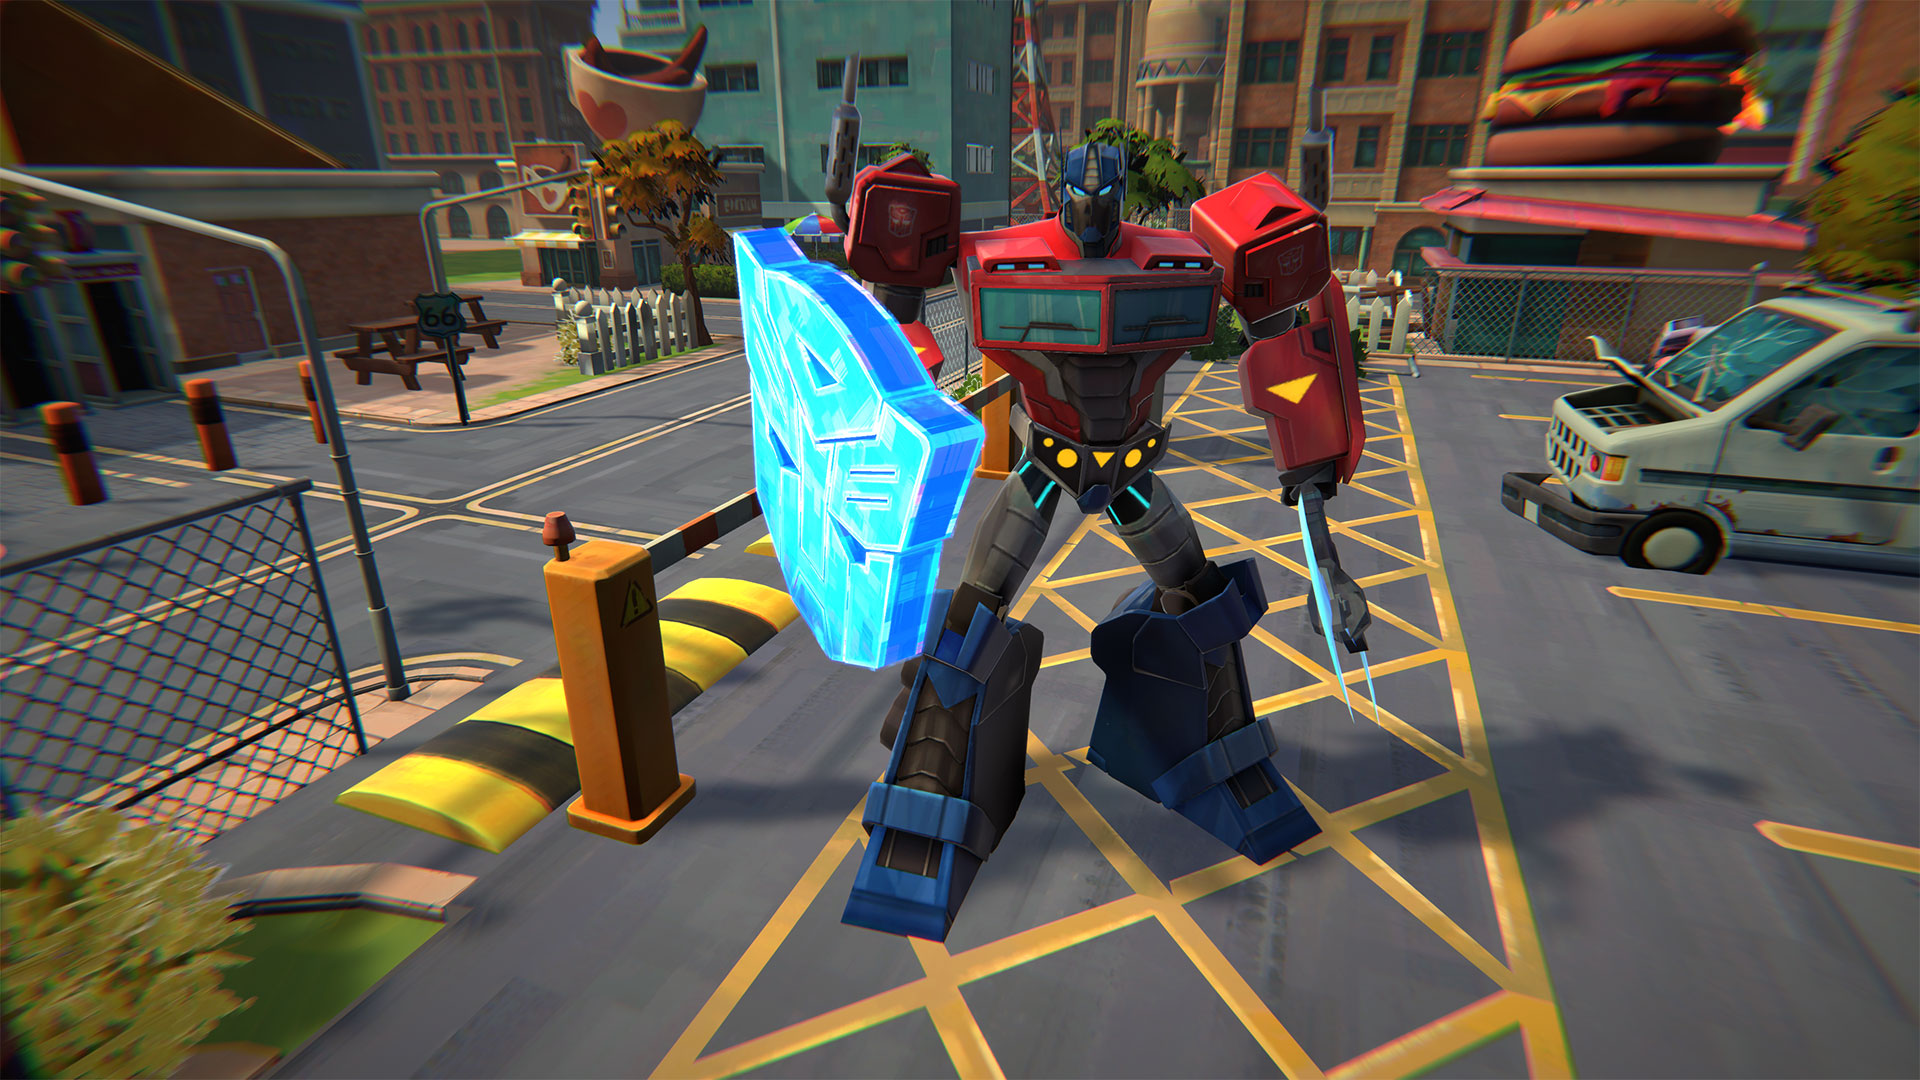 Transformers Battlegrounds Un Nouveau Jeu Video Inattendu Devoile En Images Et Video Gamergen Com